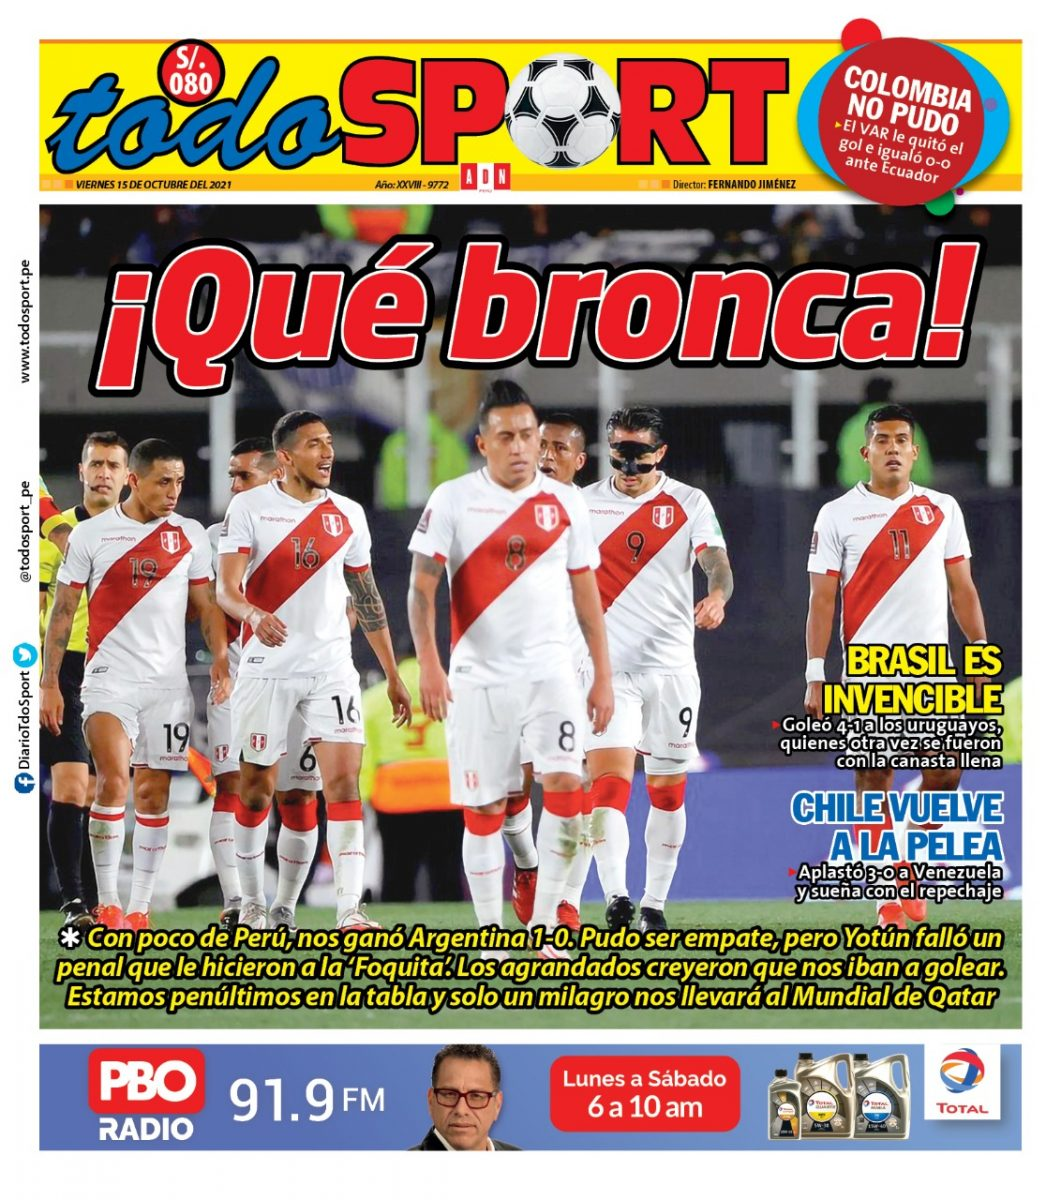 Portada impresa – Diario Todo Sport (15/10/2021)